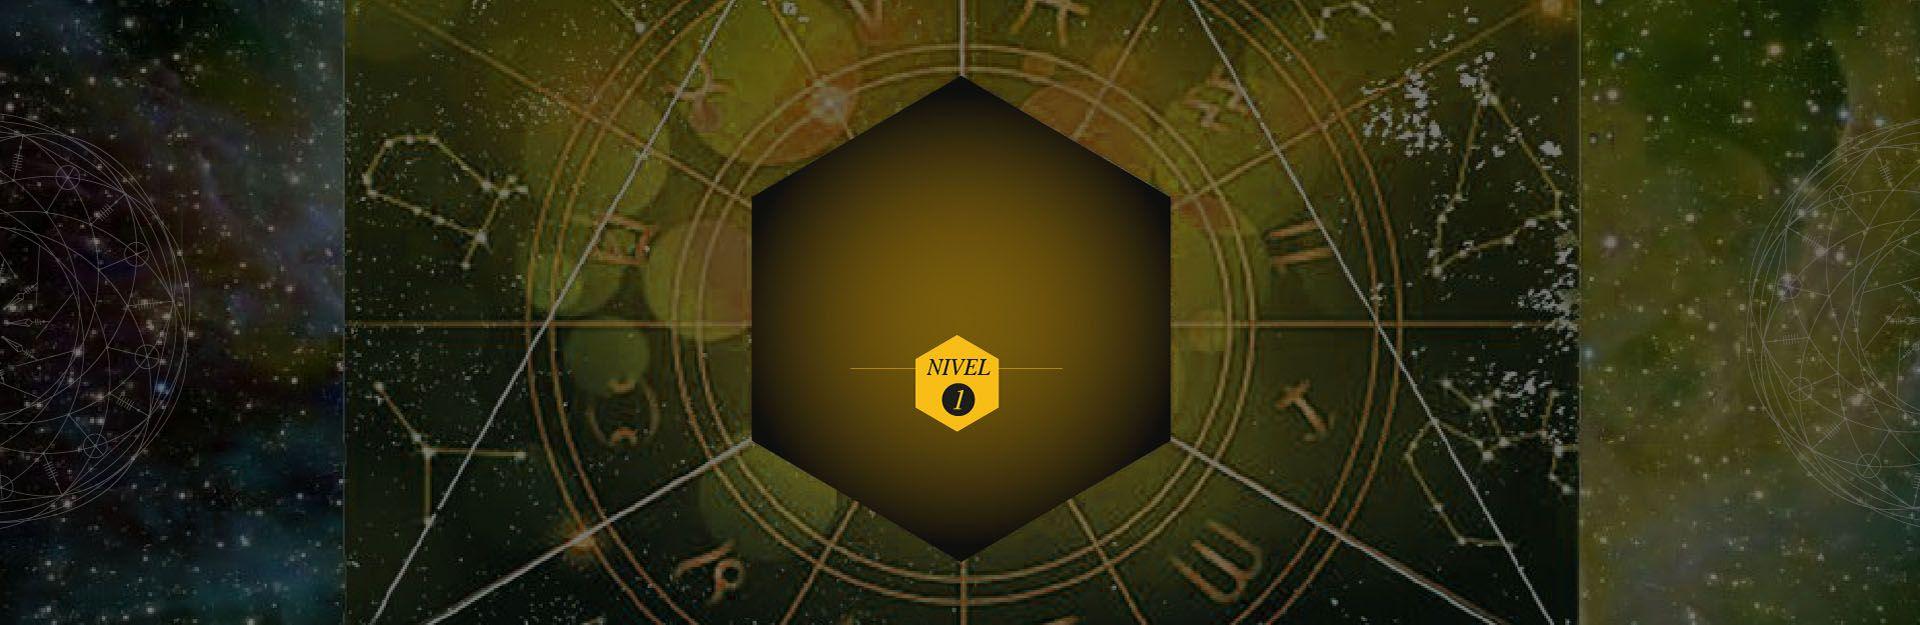 Formación en Astrología | Nivel 1